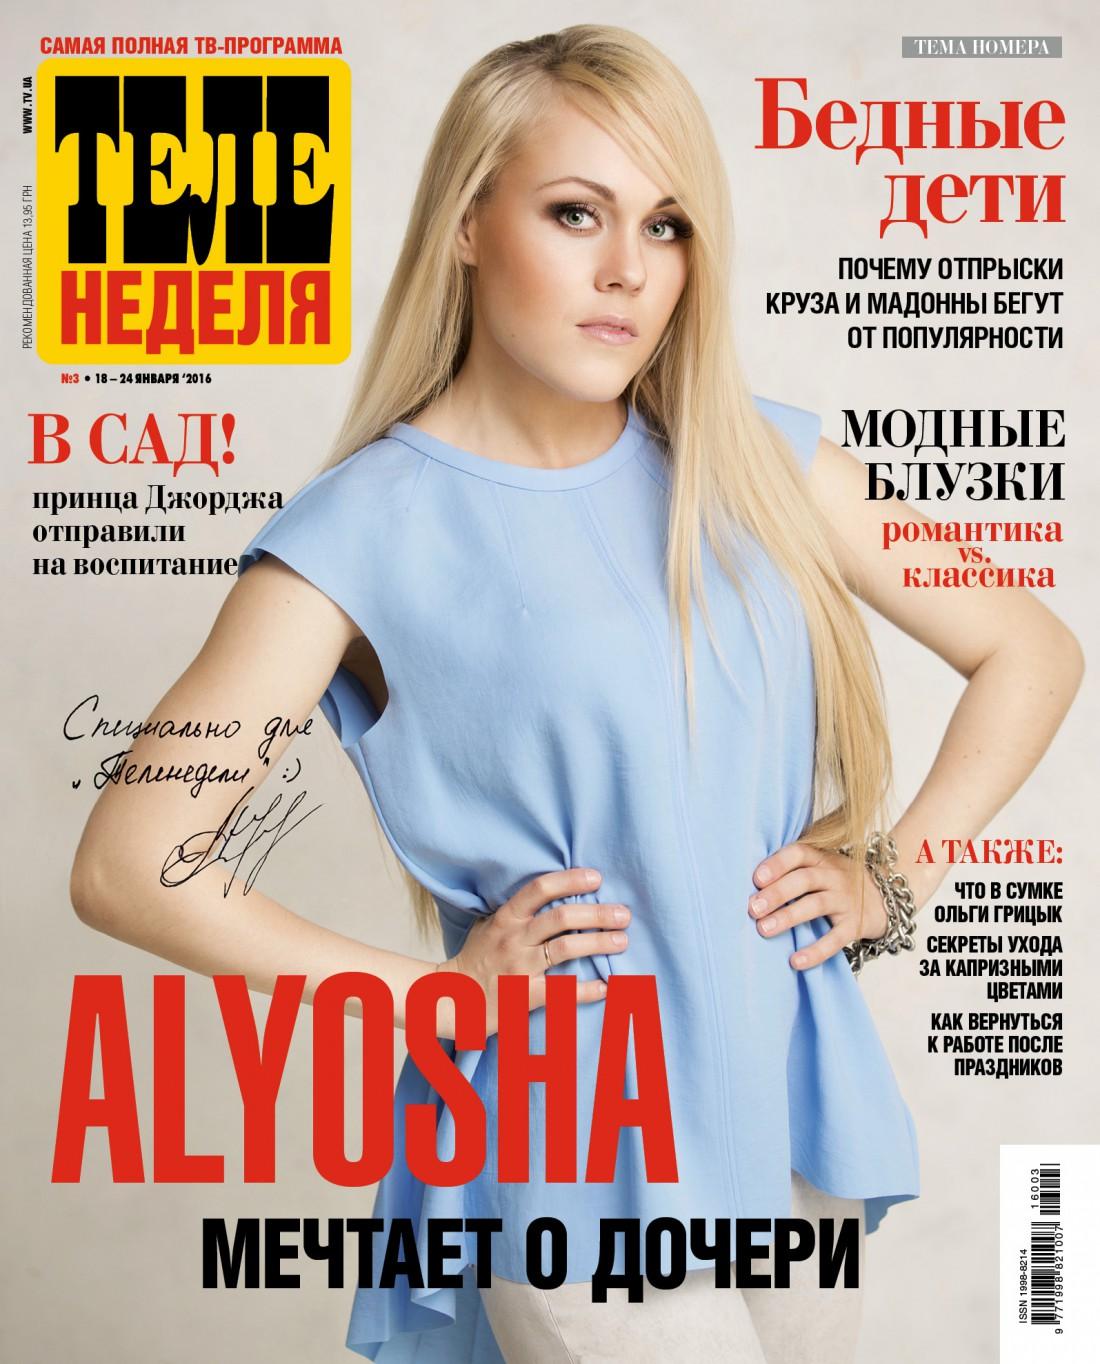 Певица Alyosha украсила обложку журнала